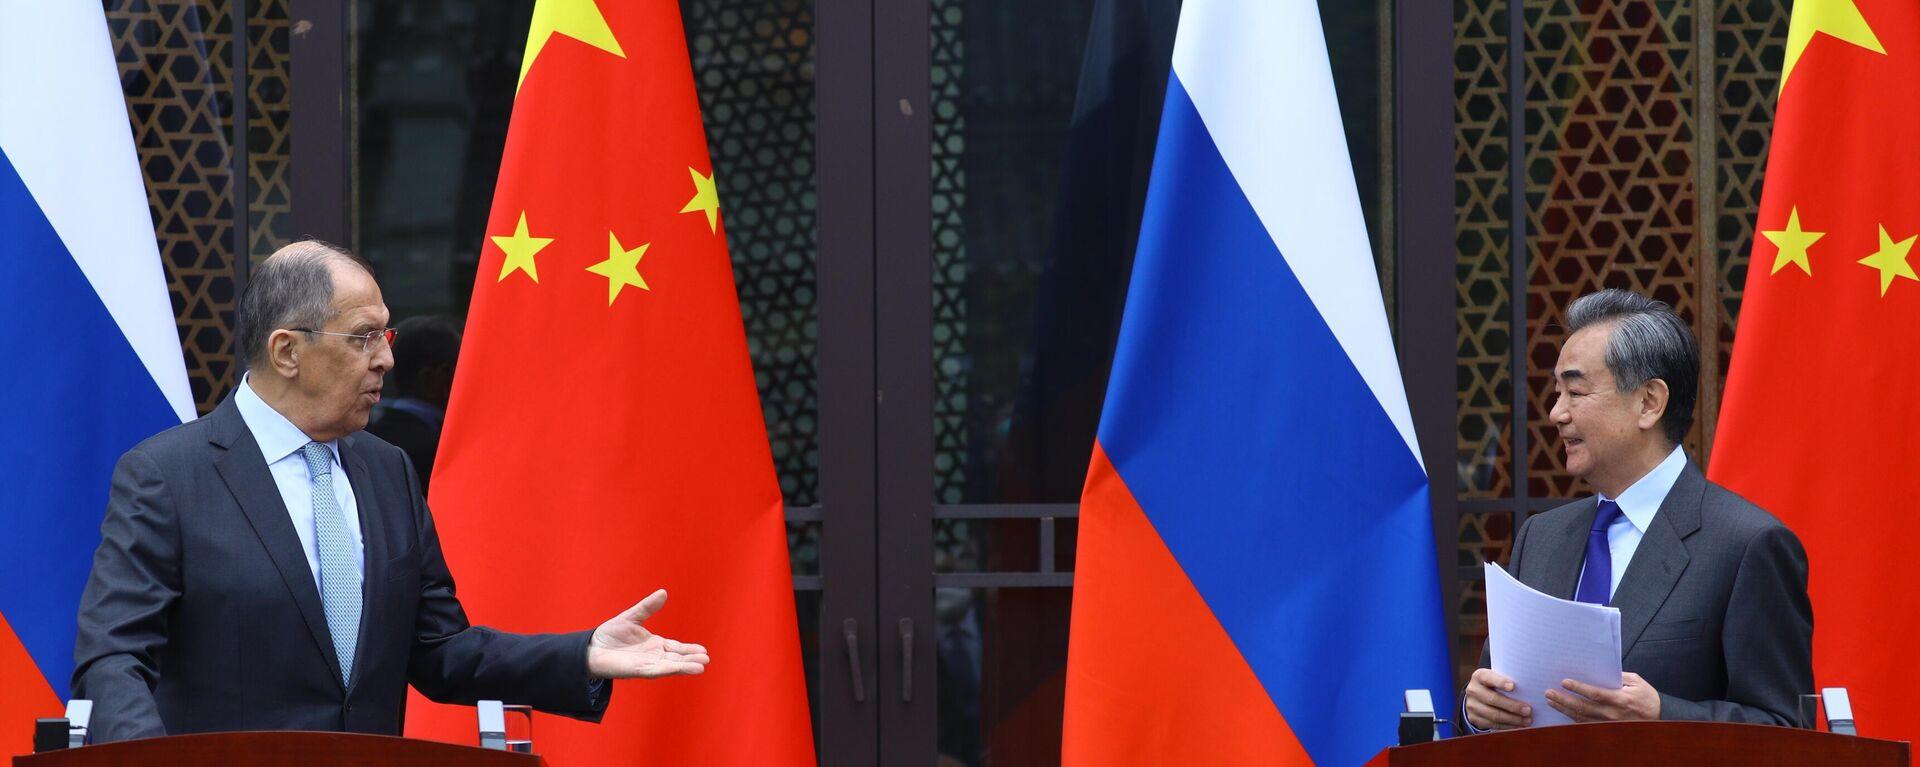 Los ministros de Exteriores ruso, Serguéi Lavrov, y chino, Wang Yi - Sputnik Mundo, 1920, 23.03.2021